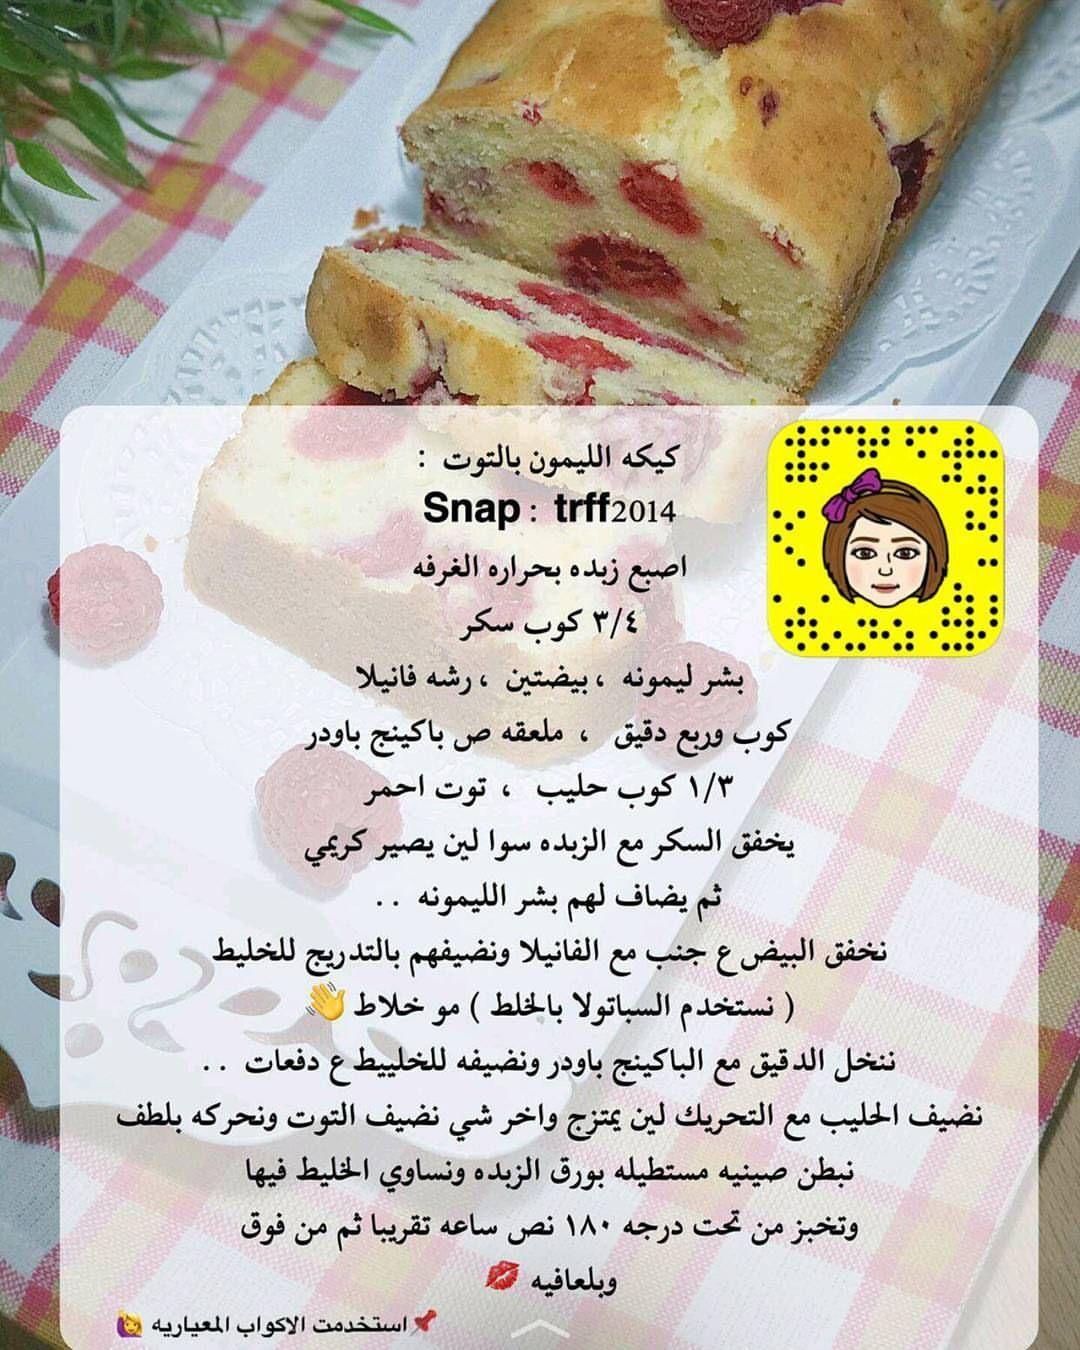 كيكة الليمون بالتوت Coffee Drink Recipes Recipes Hot Dog Buns